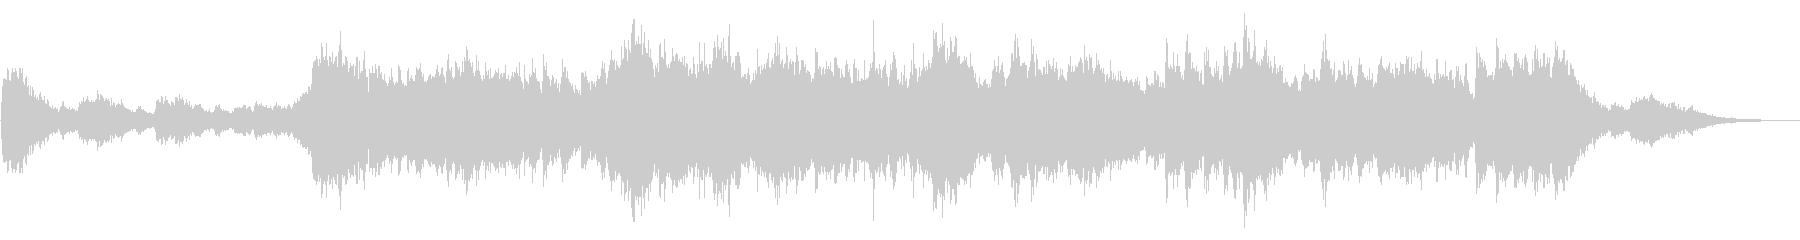 鐘の音とピアノのホラー風BGMの未再生の波形